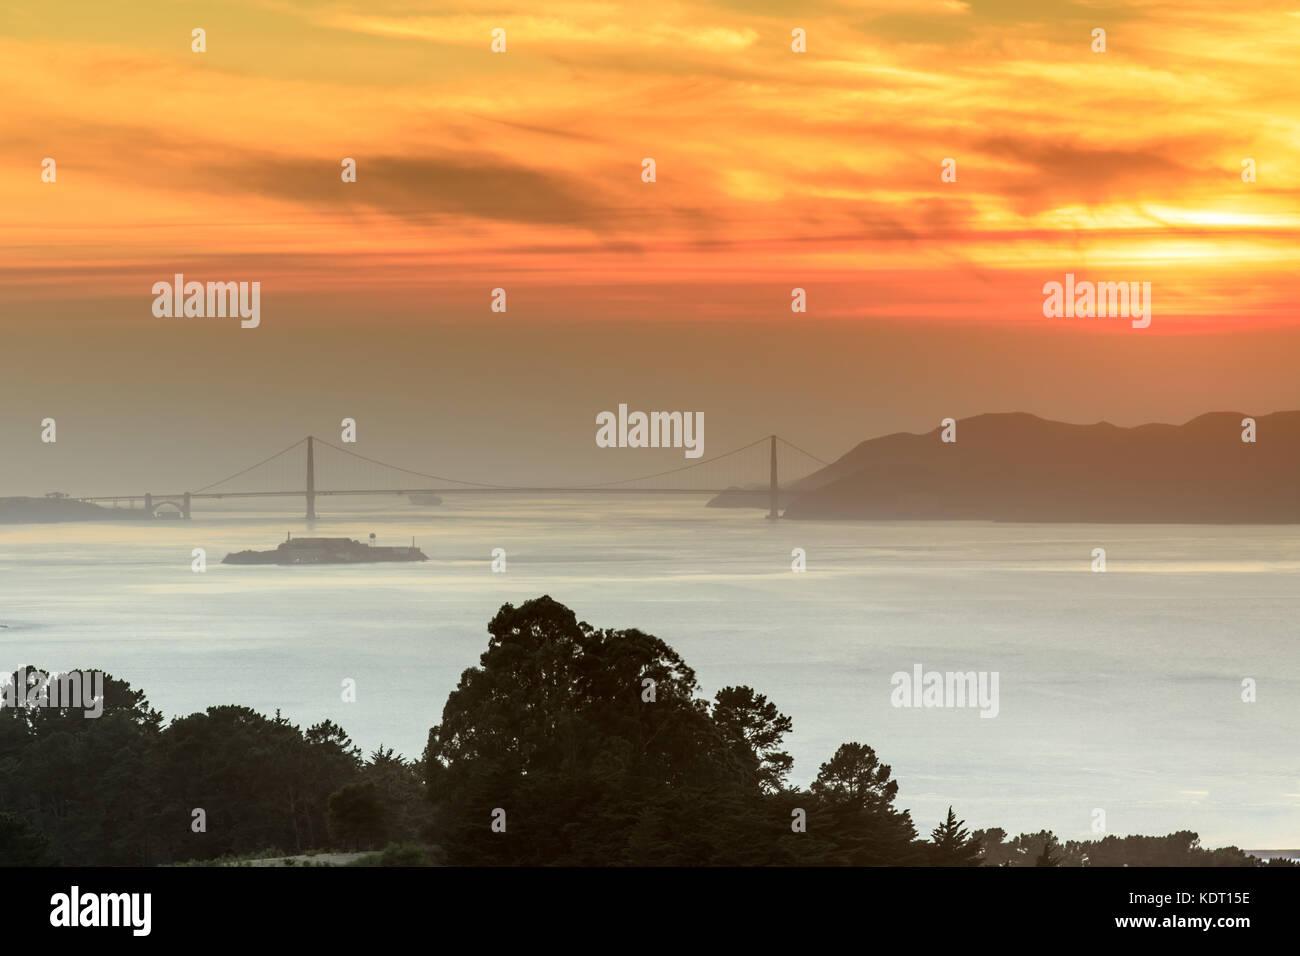 Feurig rauchig Sonnenuntergang über die Golden Gate Bridge. Stockbild